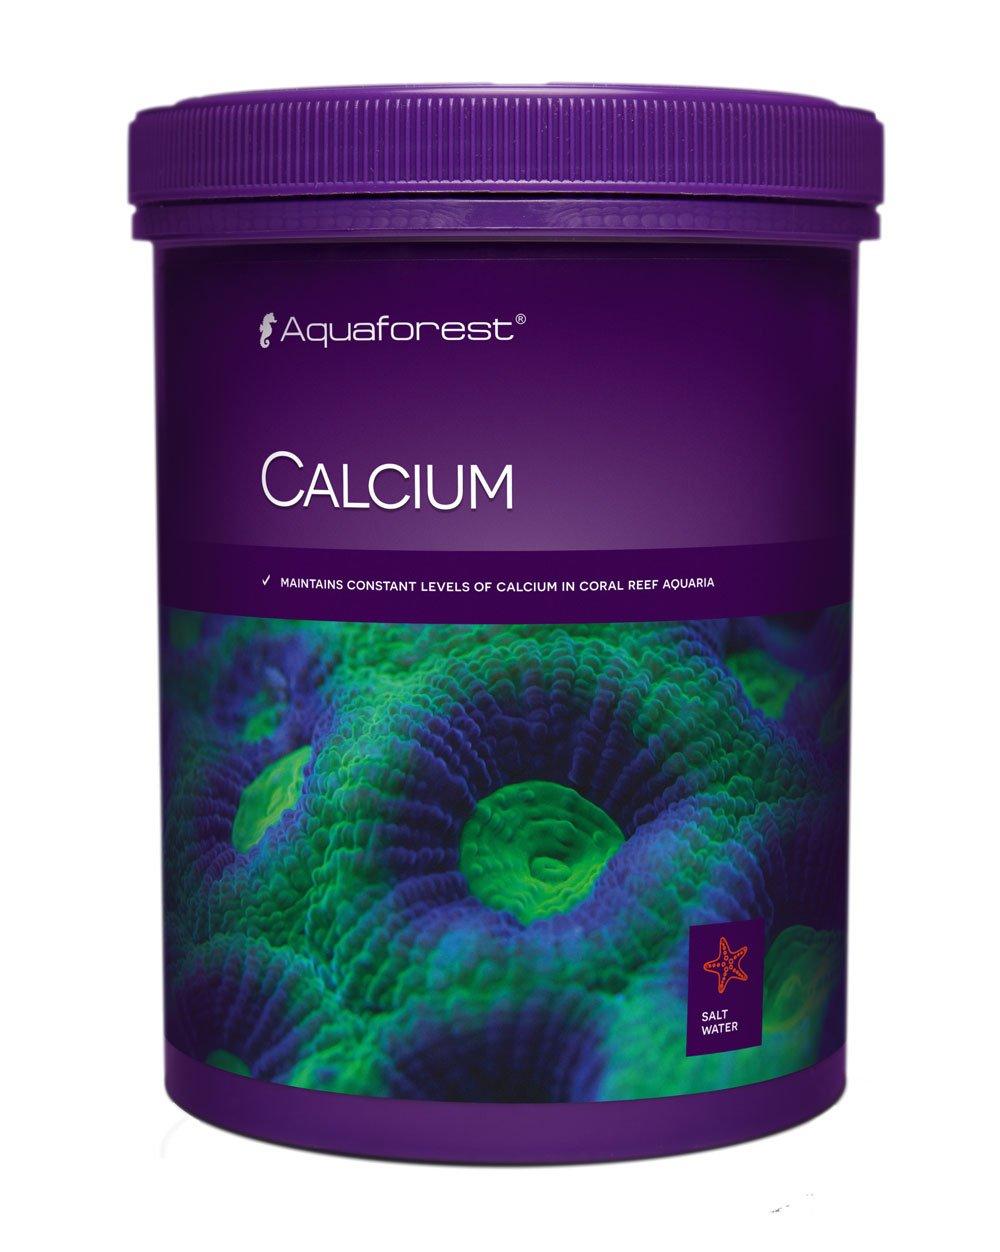 Aquaforest Calcium 850g